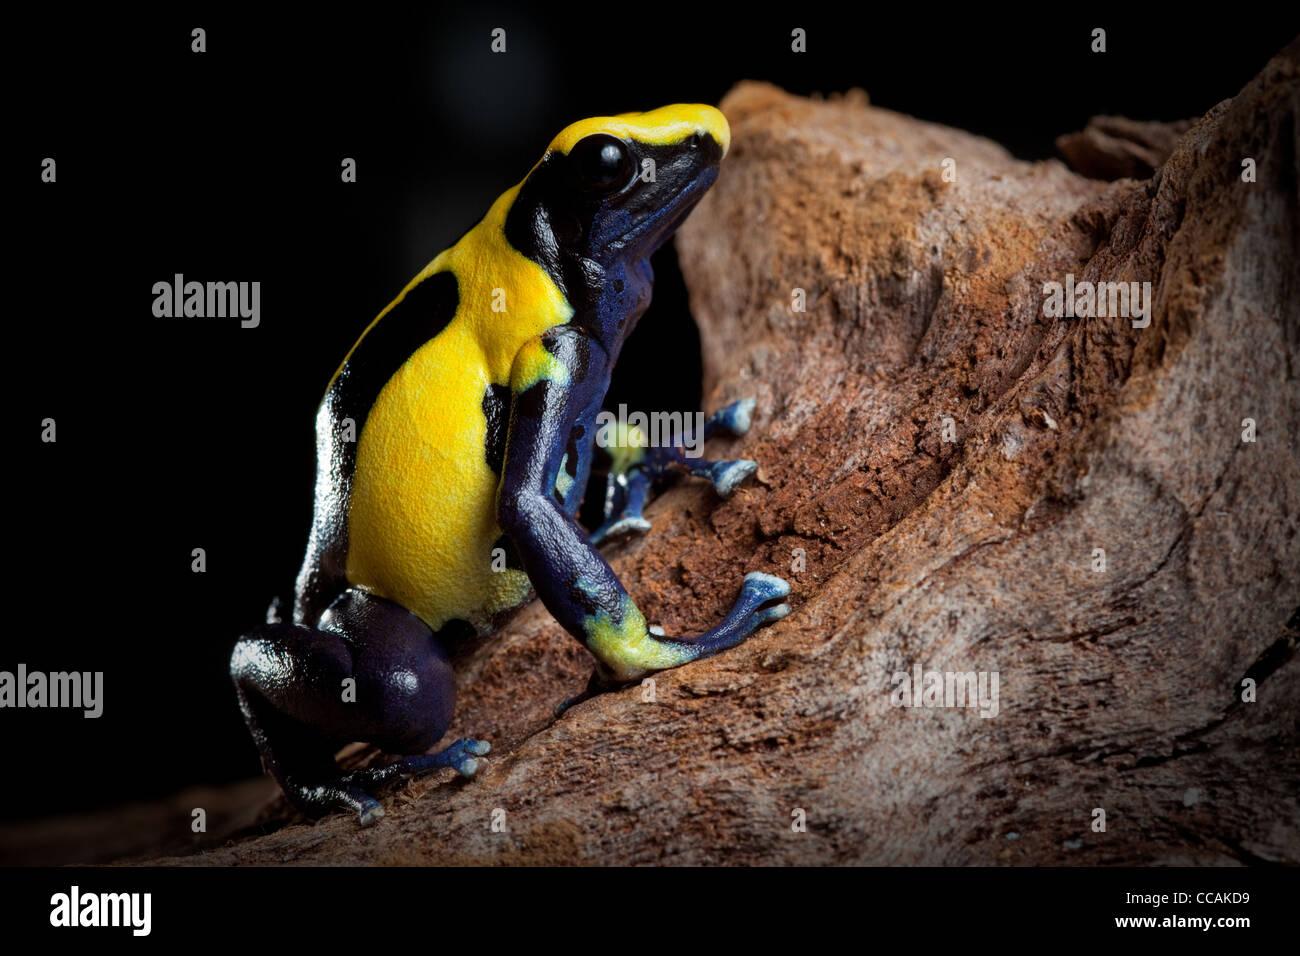 Yellow blue and black poison dart frog, Dendrobates tinctorius, Nikita morph, of Amazon rain forest Suriname - Stock Image